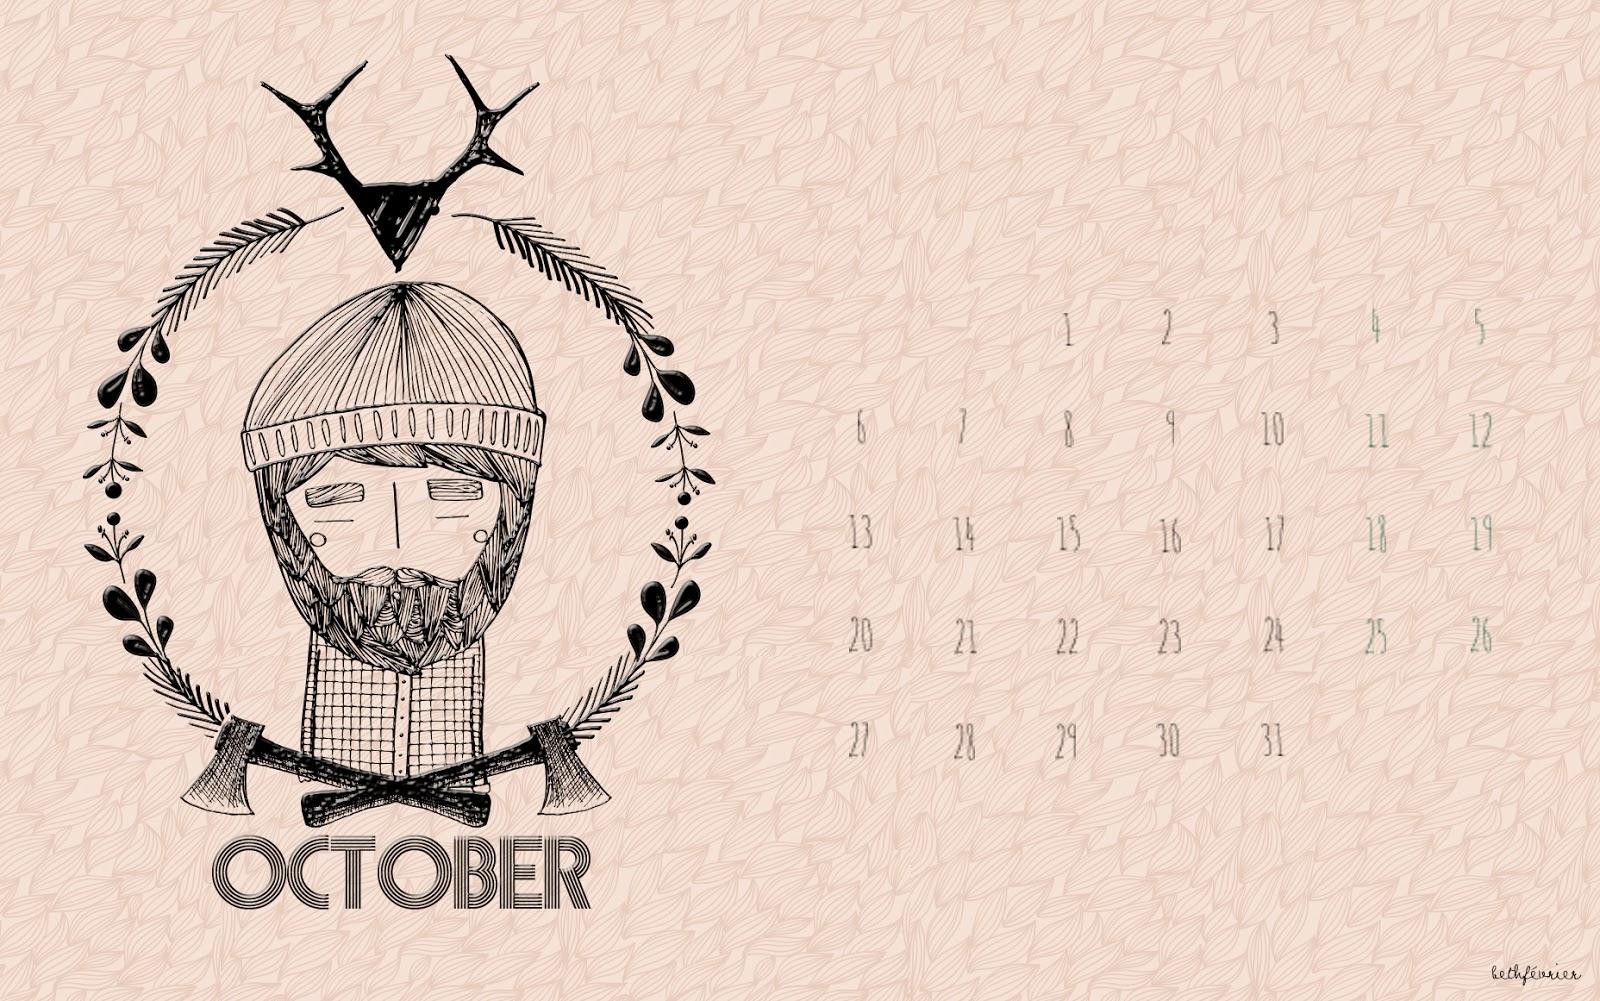 Calendario de octubre descargable